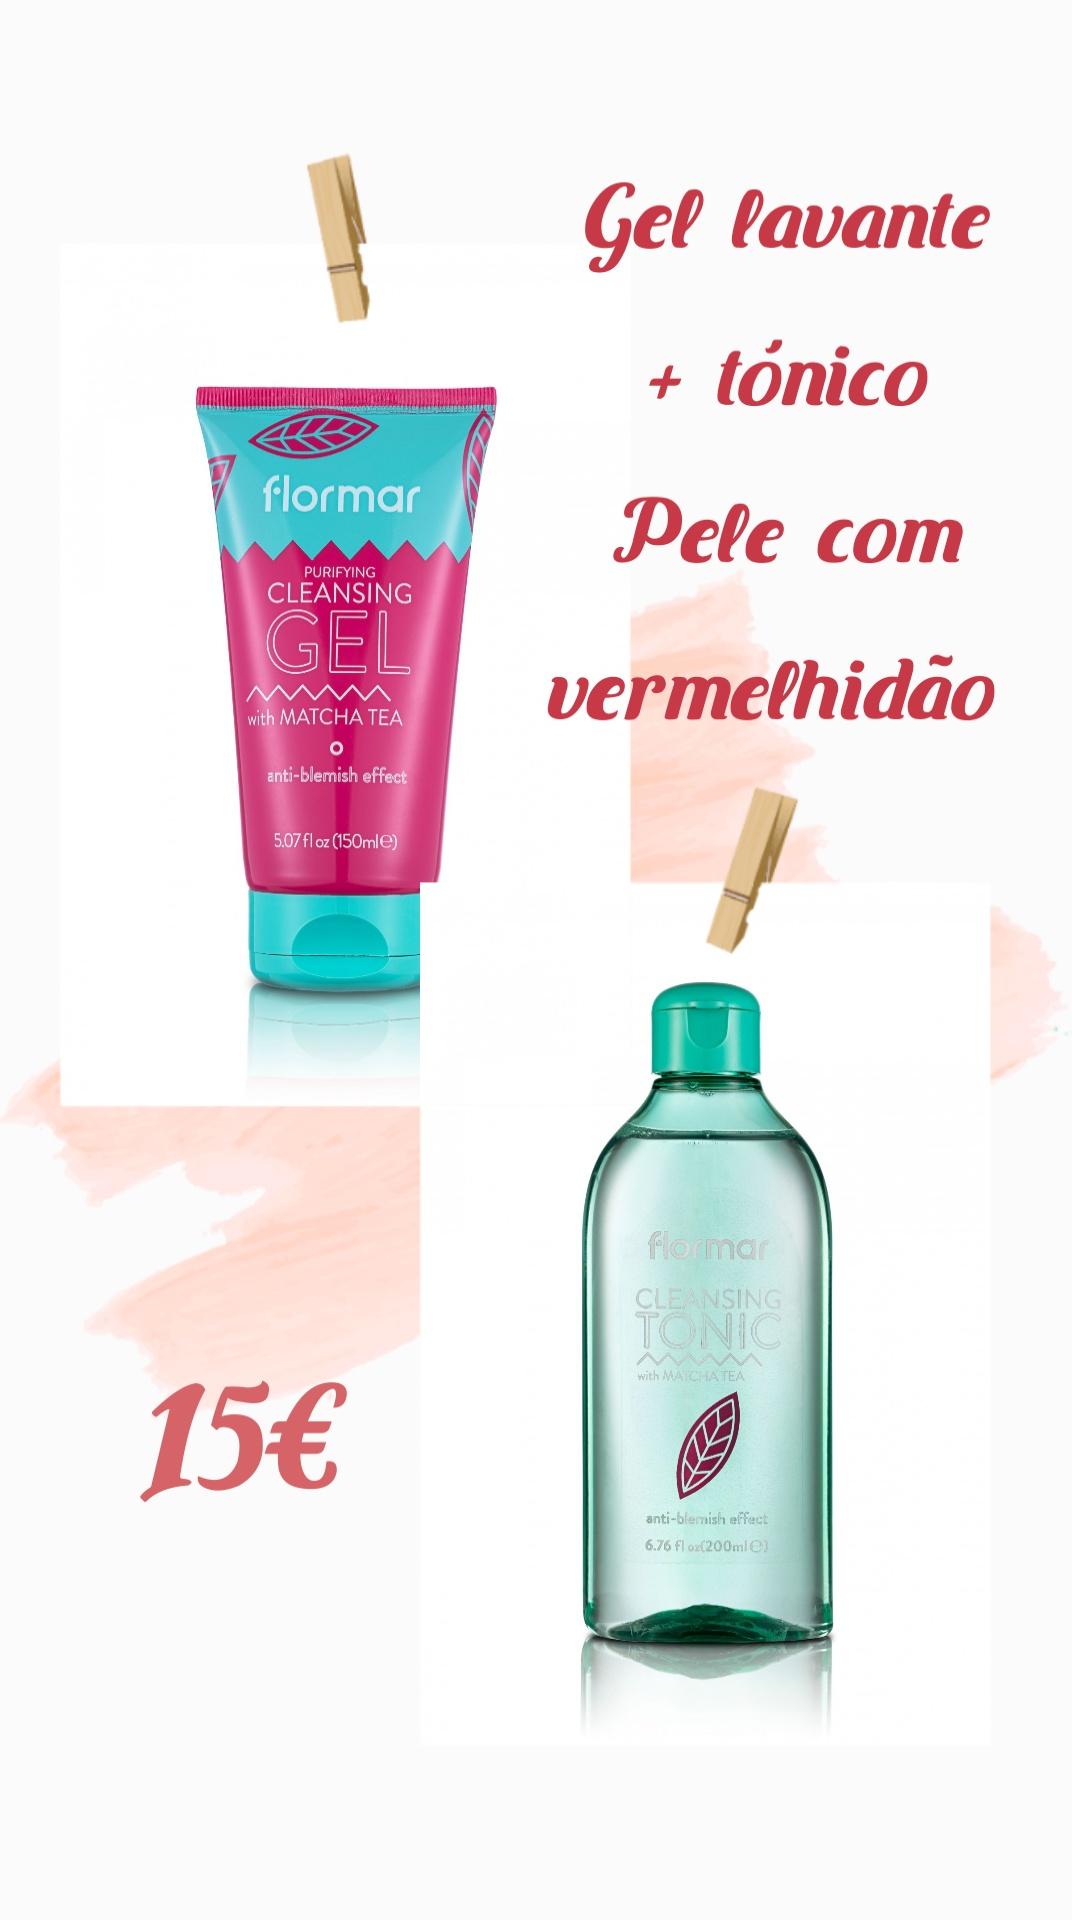 Flormar Kit Skin Care Pele com vermelhidão